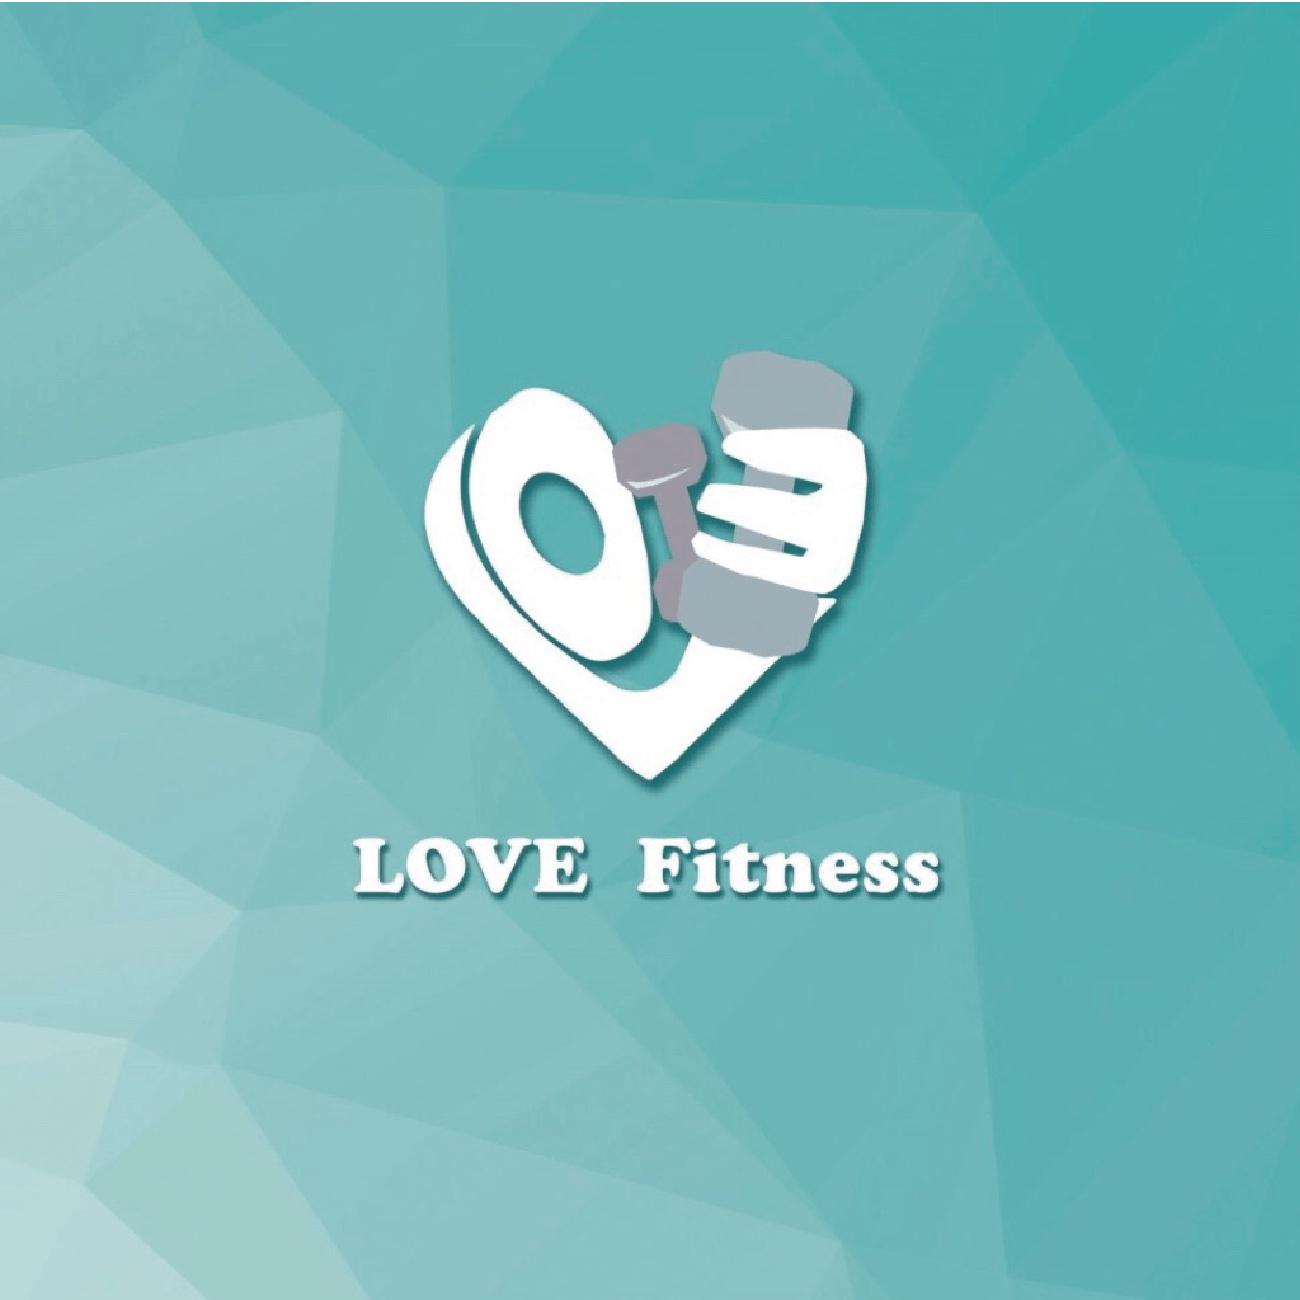 愛·健身LOVE Fitness